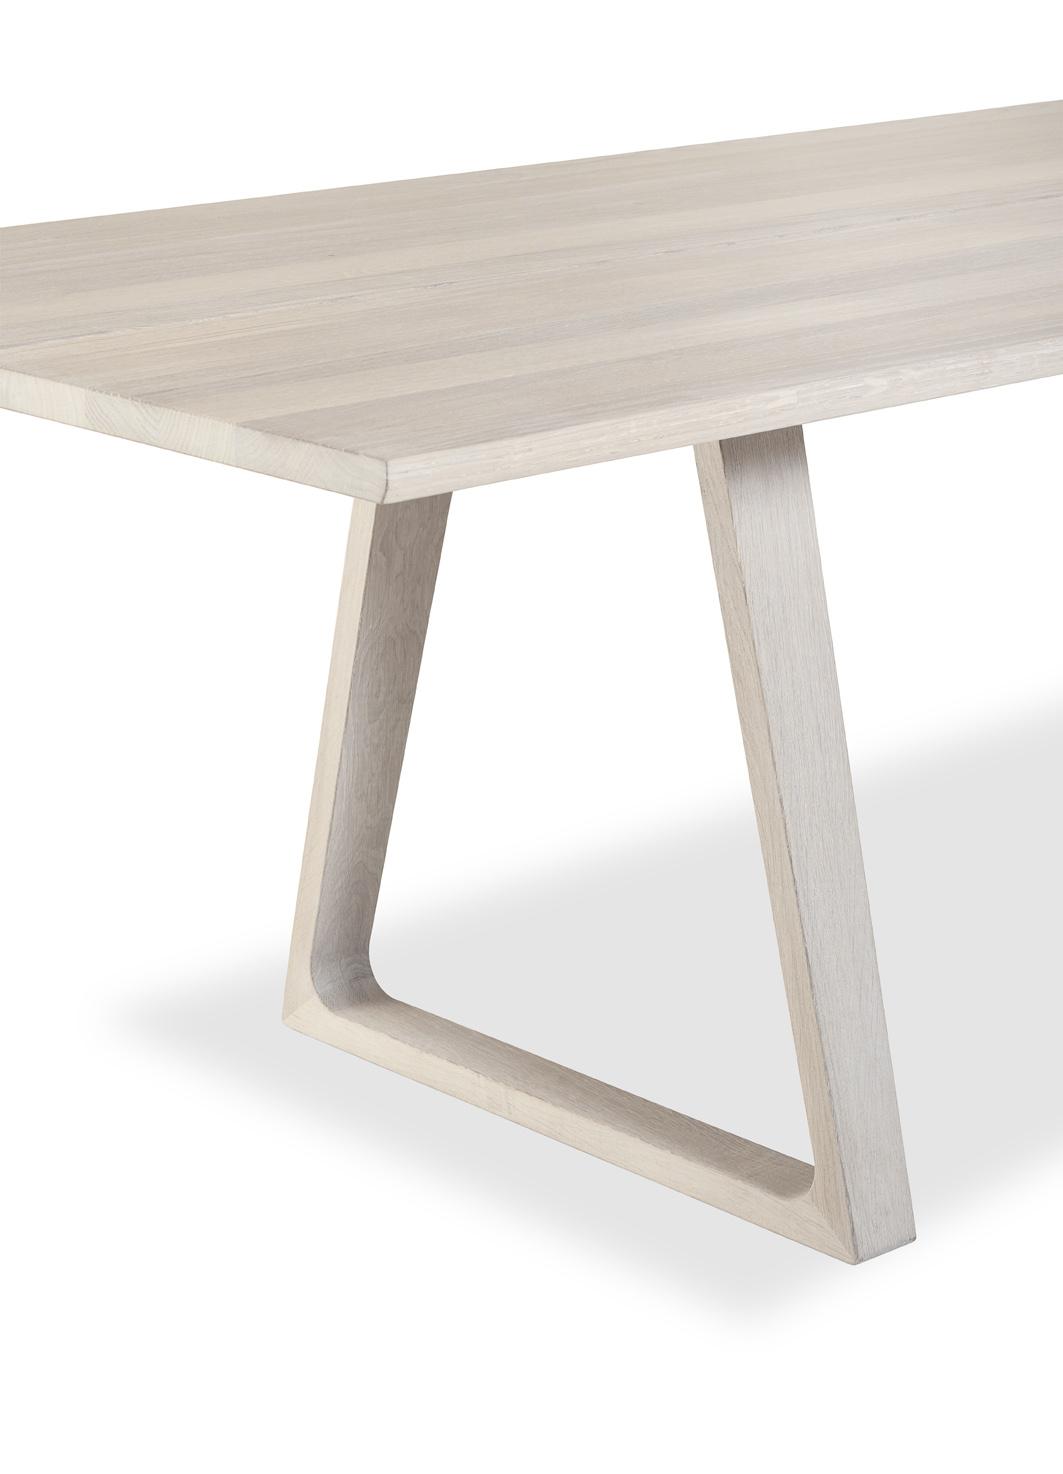 - Skovbys plankebord #106 består av to solide planker med plass til 8 – 10 personer, og plankene bæres av to trapesformede rammer som gir bordet et visuelt rolig, men også spenstig uttrykk, sier produsenten i en beskrivelse av bordet.